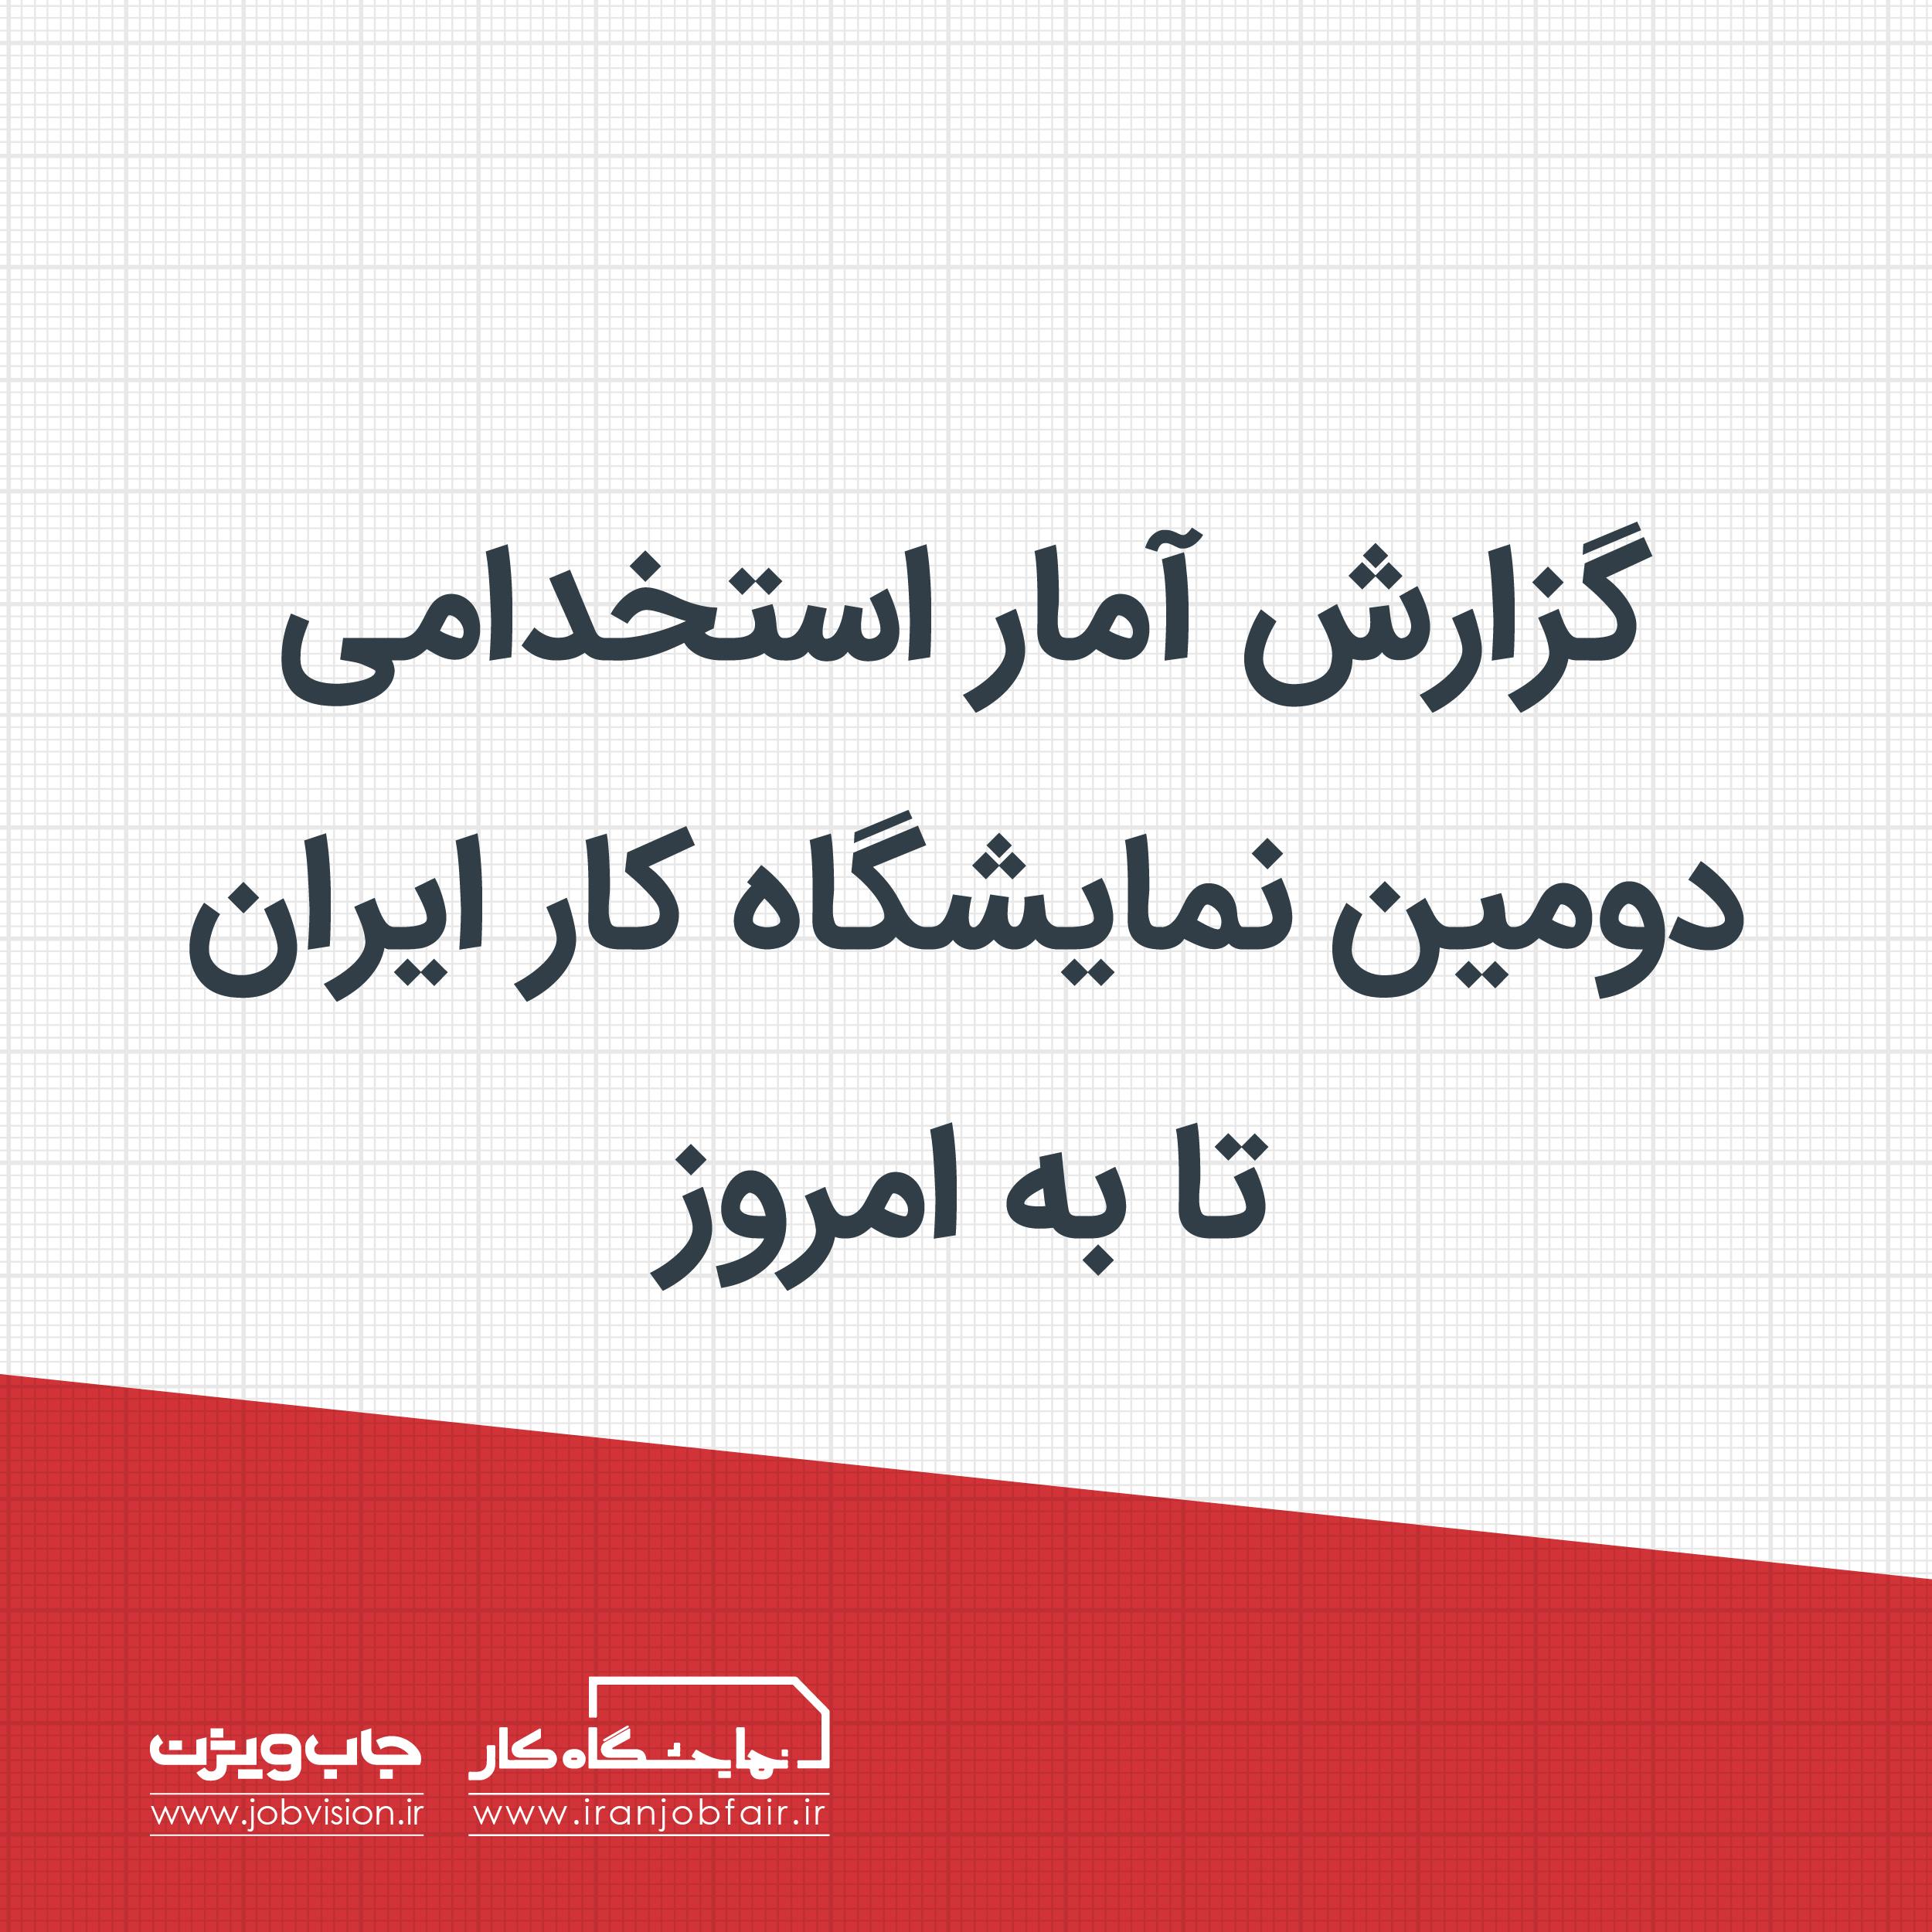 گزارش آمار استخدامی دومین نمایشگاه کار ایران تا به امروز